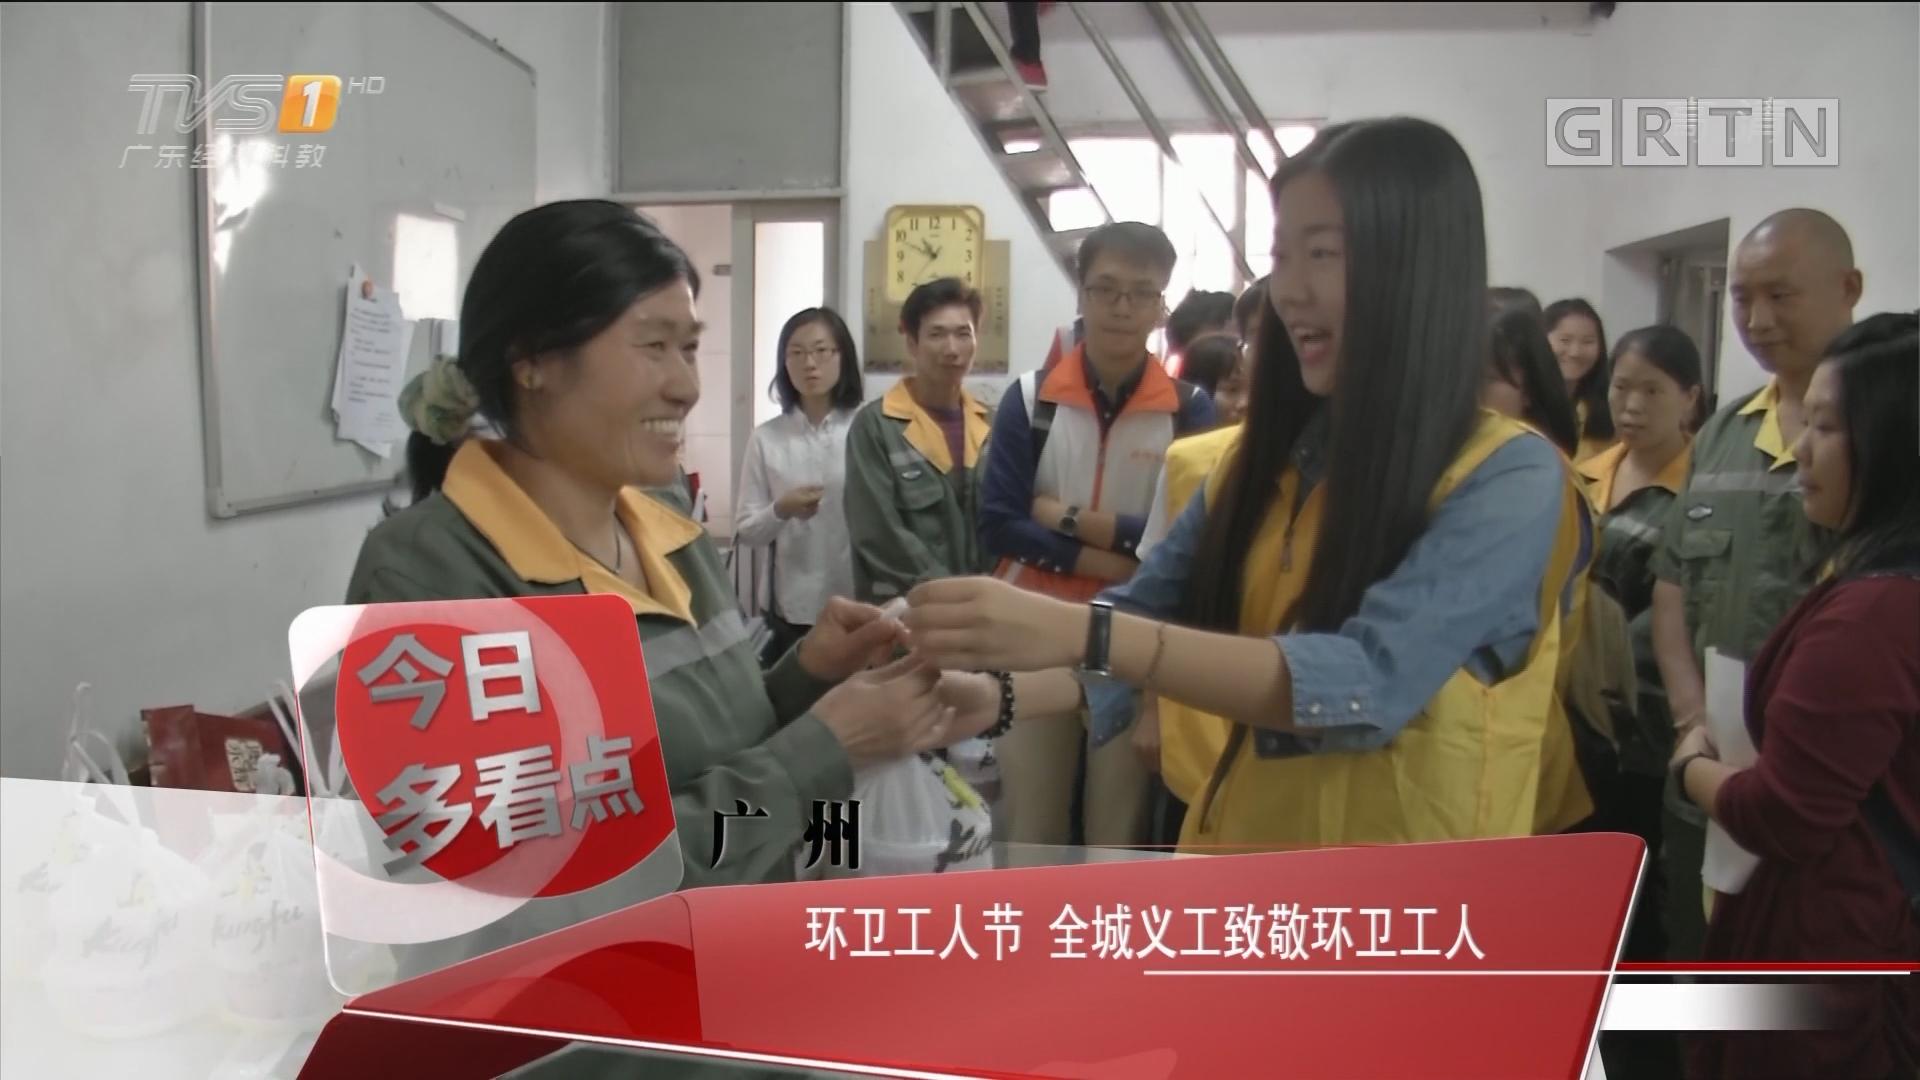 广州:环卫工人节 全城义工致敬环卫工人